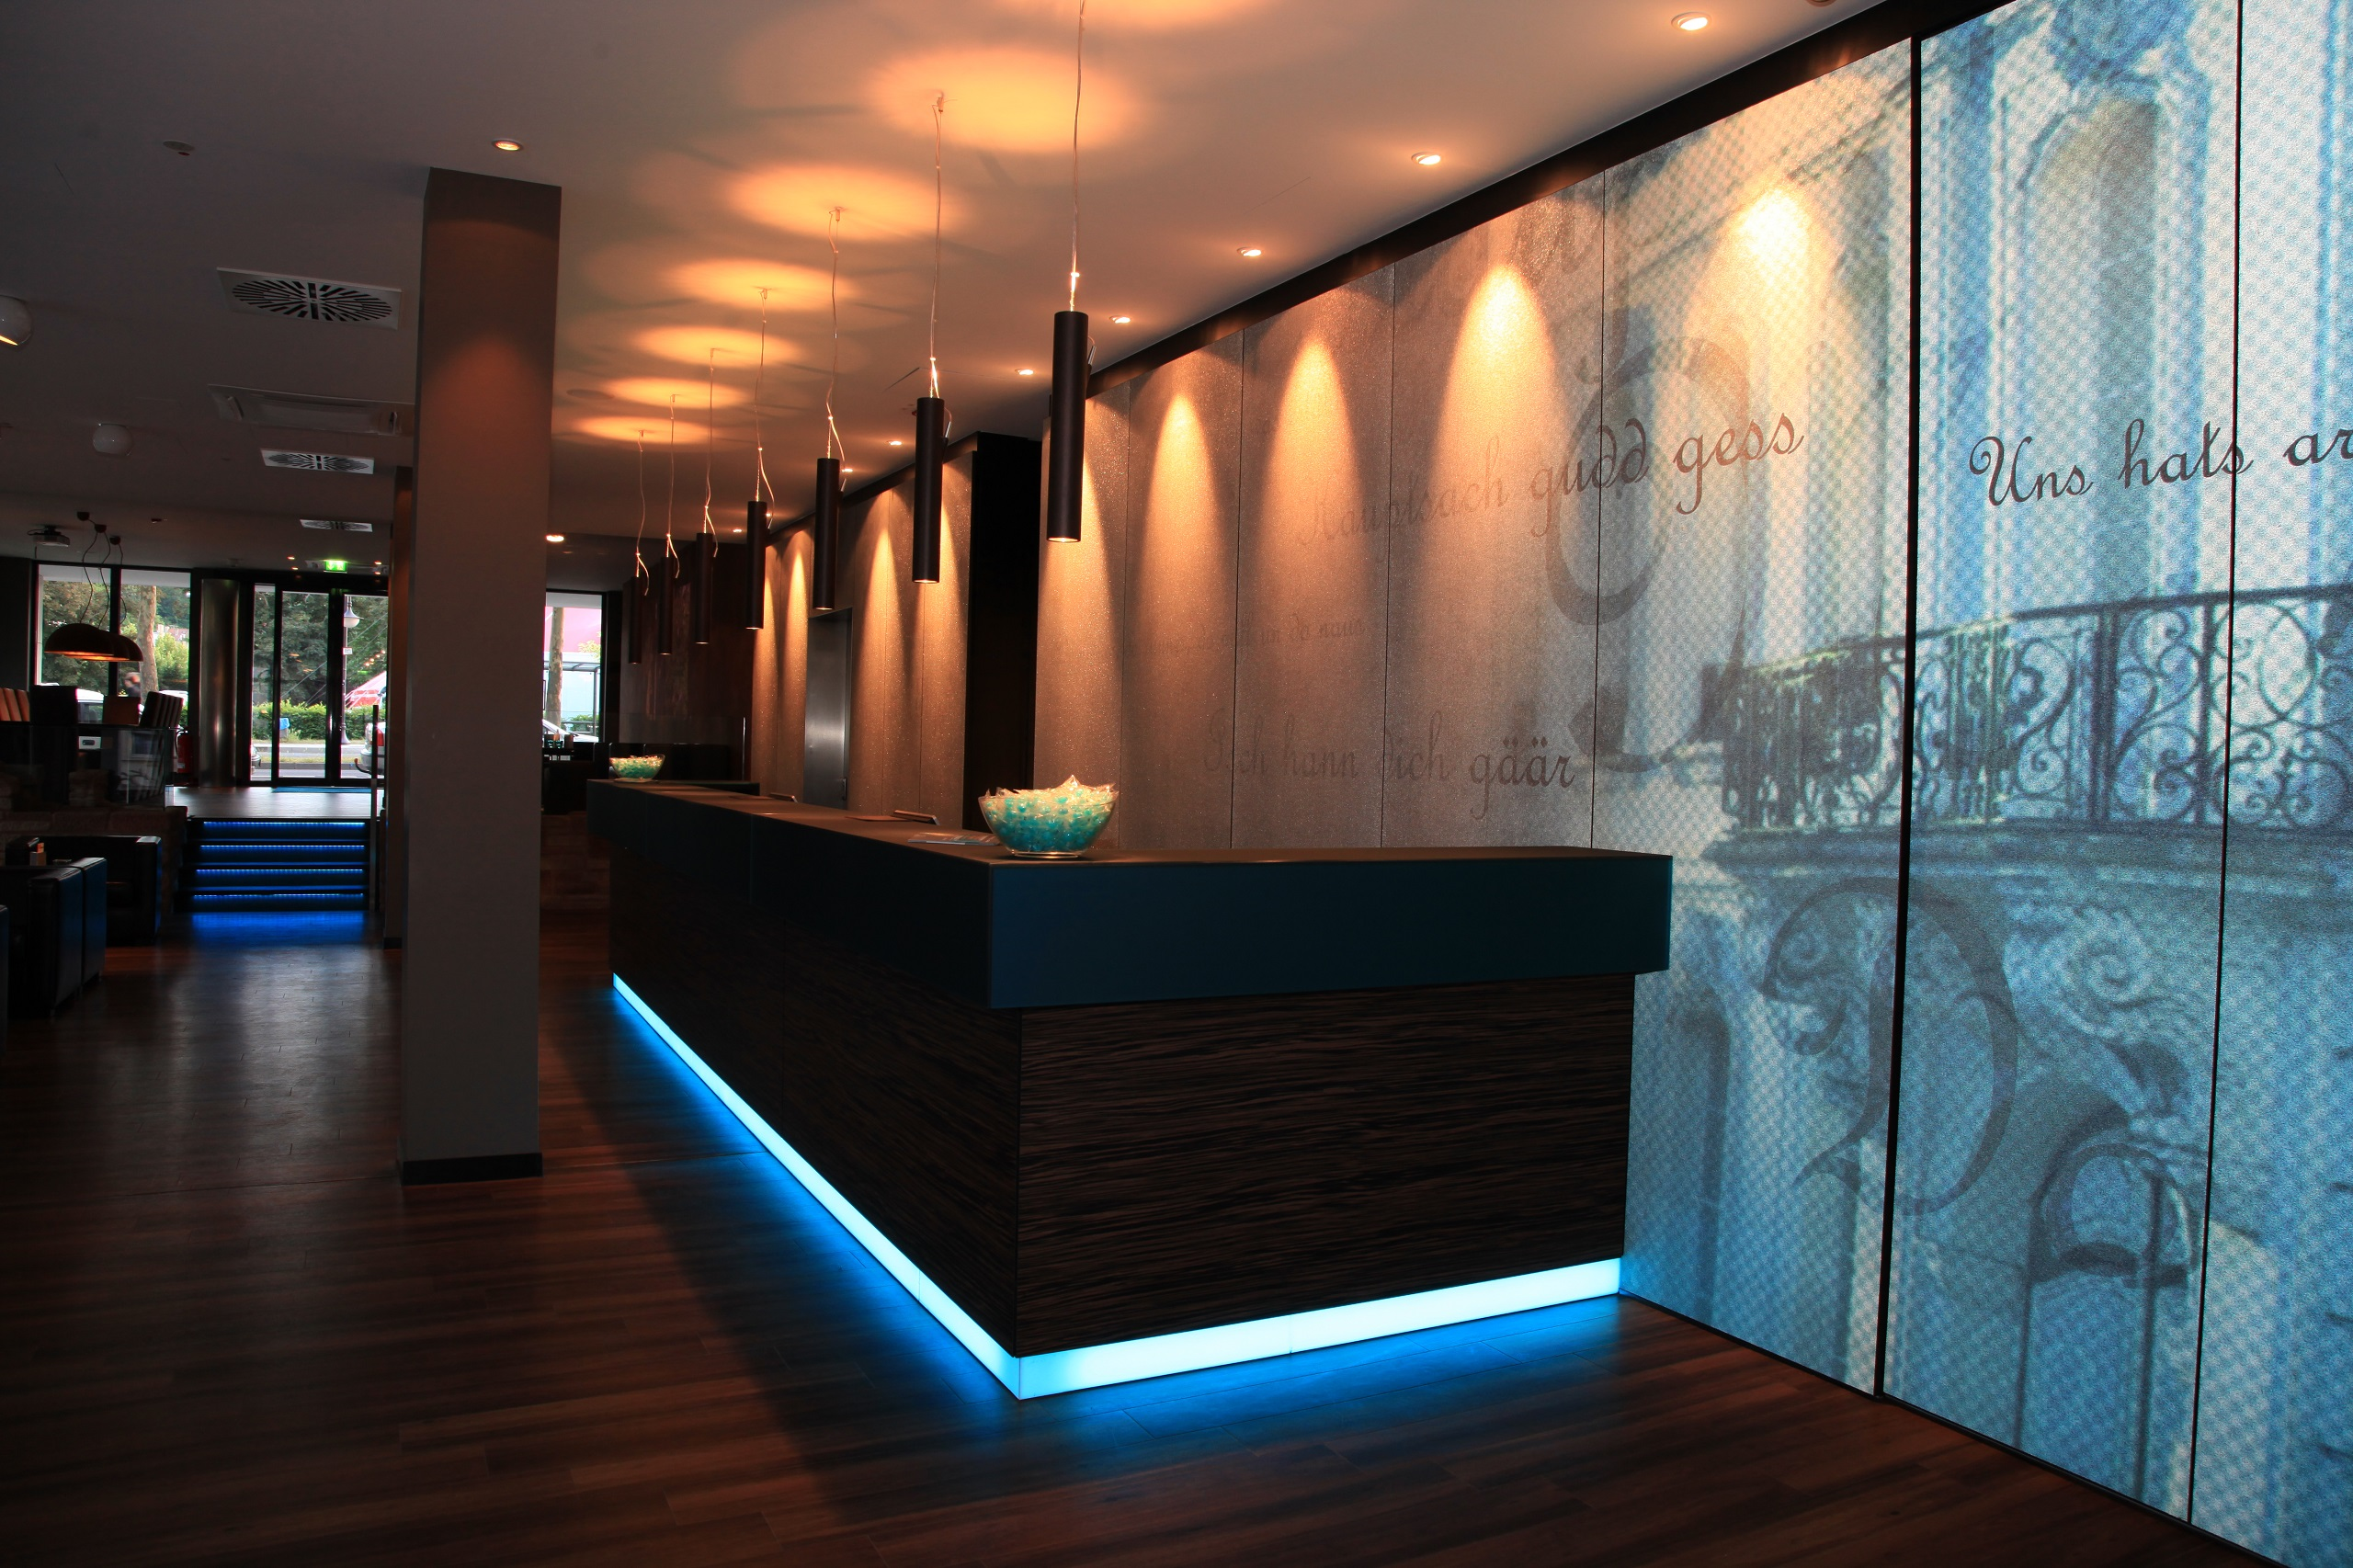 Gut Innenraumgestaltung Tipps Dienstleister Fantastisch Innenraumgestaltung  Tipps Dienstleister Bilder Innenraumgestaltung .